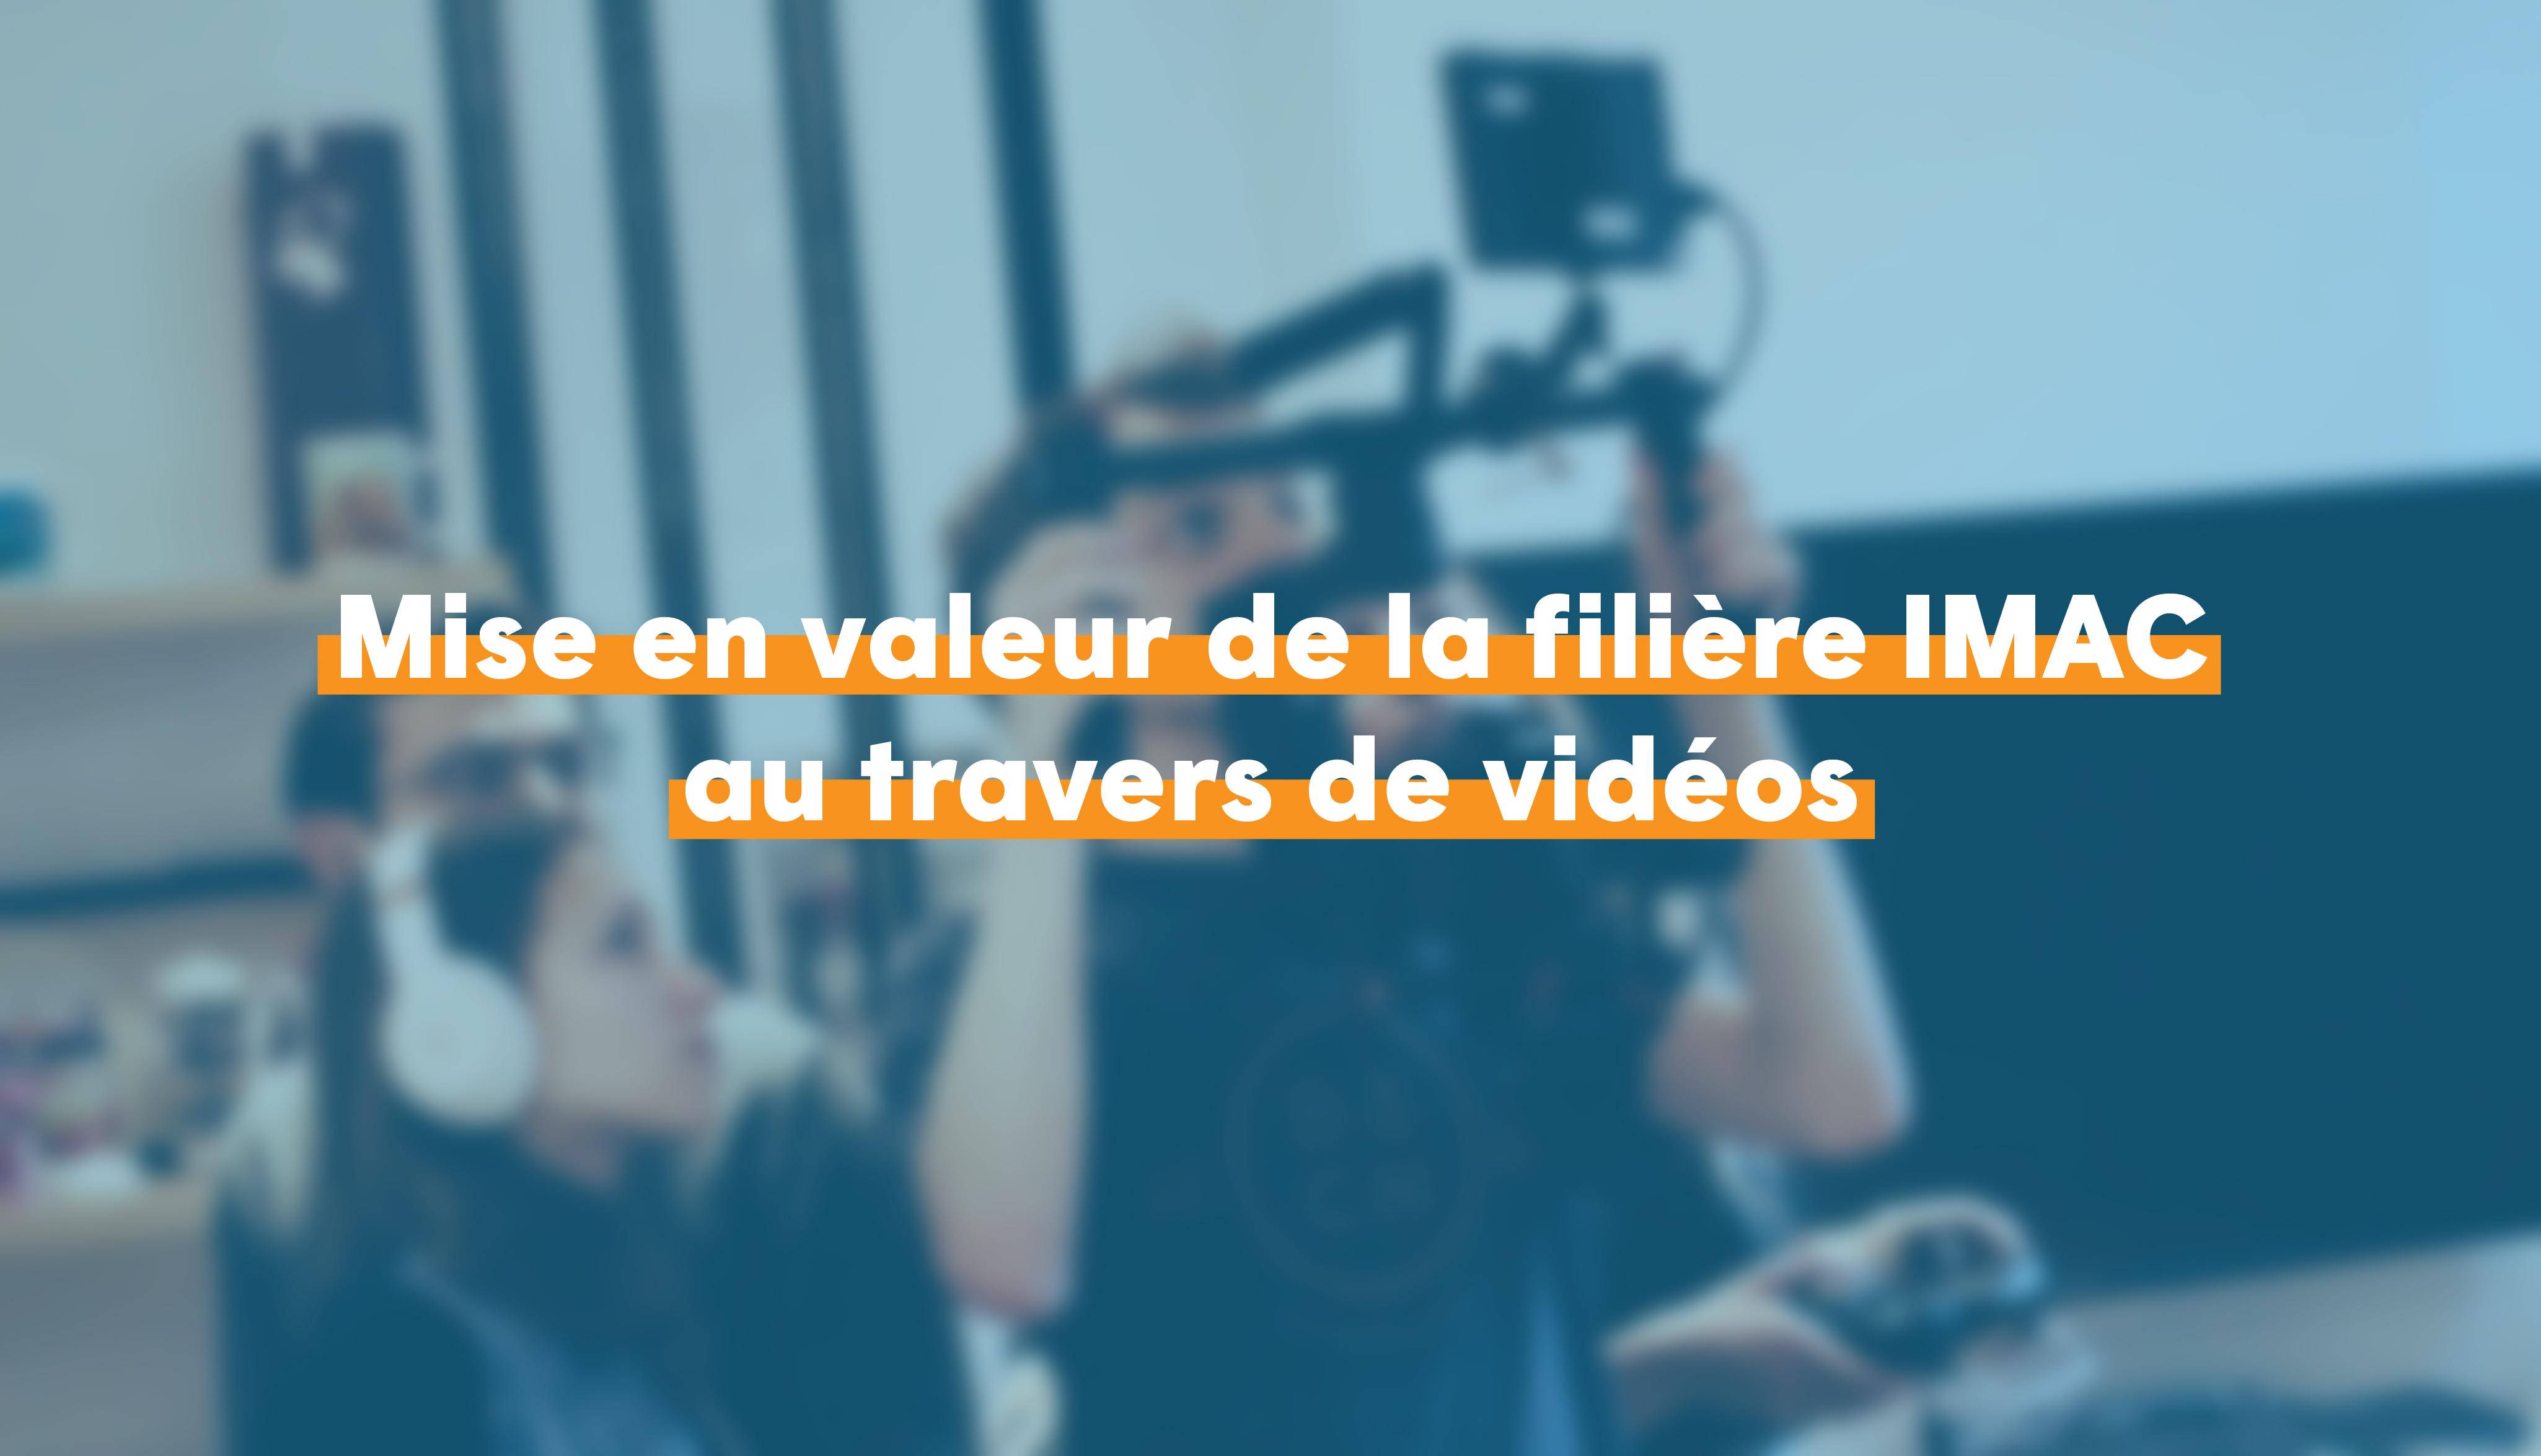 Mise en valeur de la filière IMAC au travers de vidéos